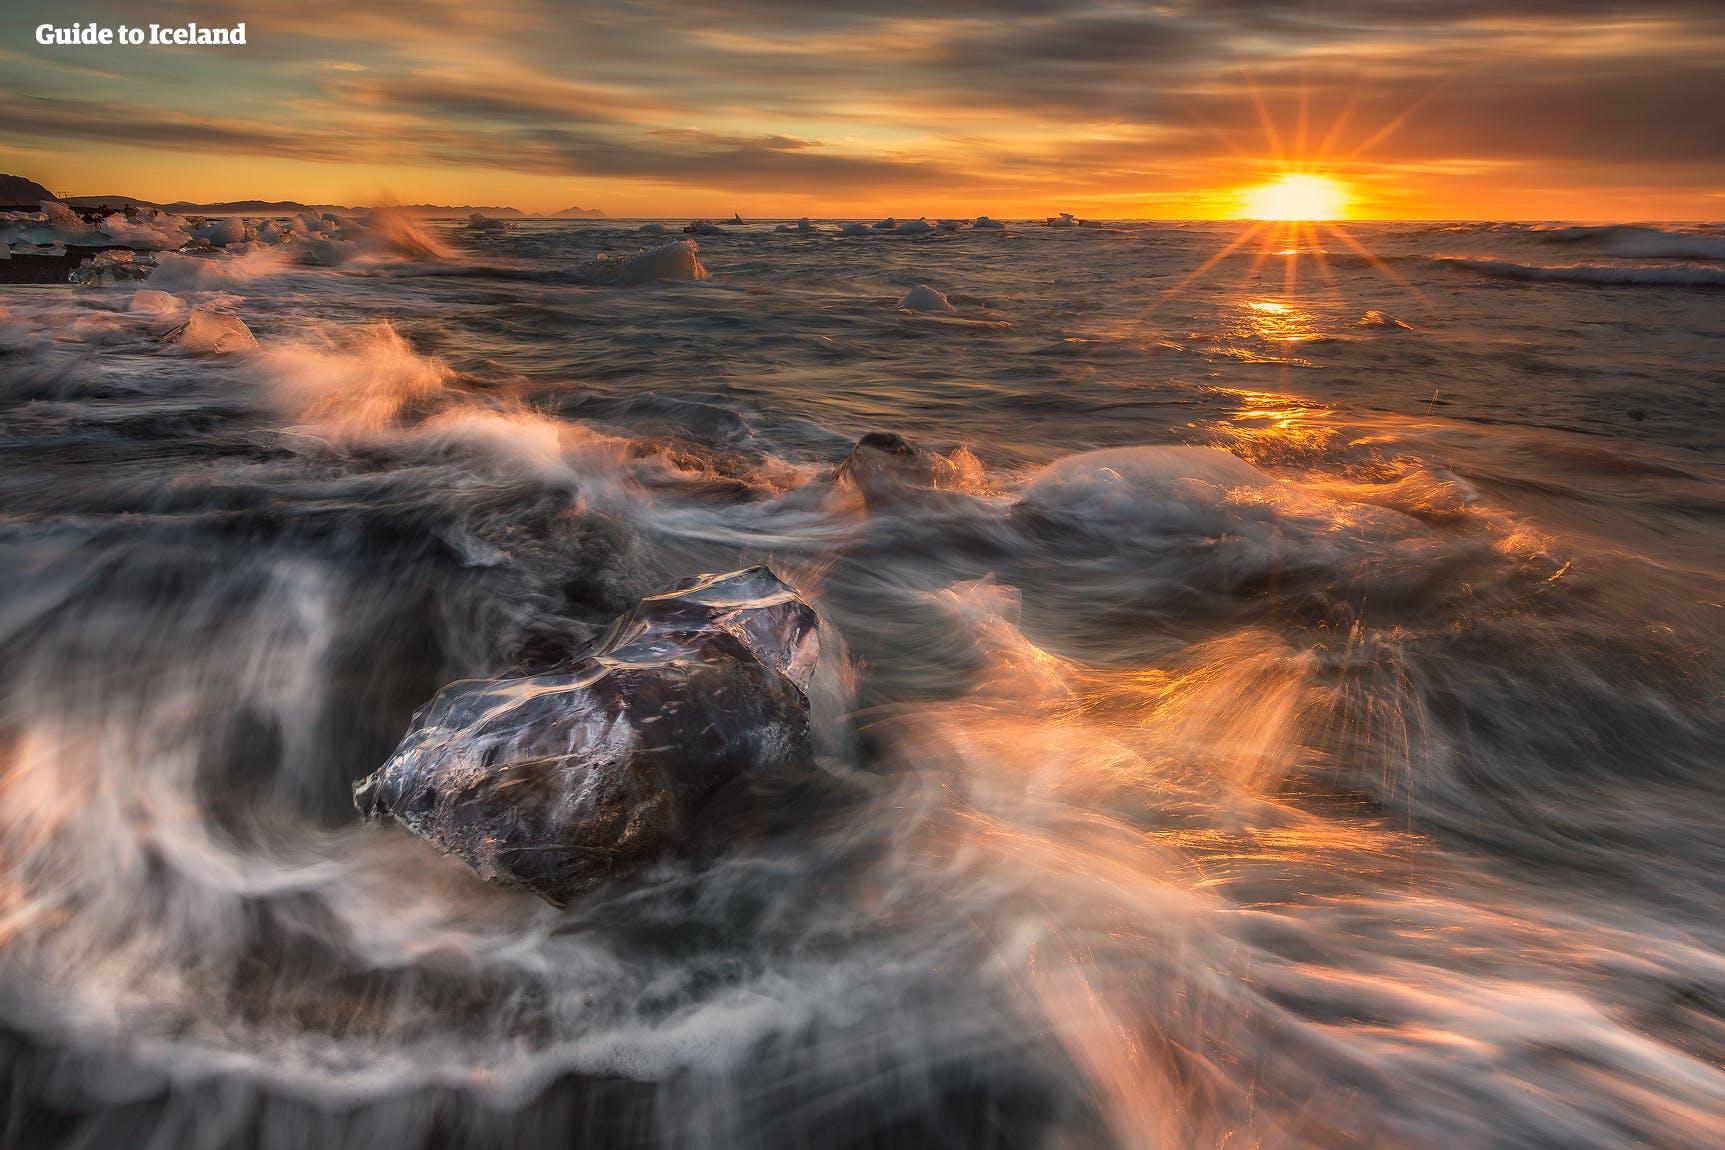 På Diamantstranden varierar det från dag till dag hur många isberg som har sköljts upp, beroende på tidvattnet, vinden och andra förhållanden.